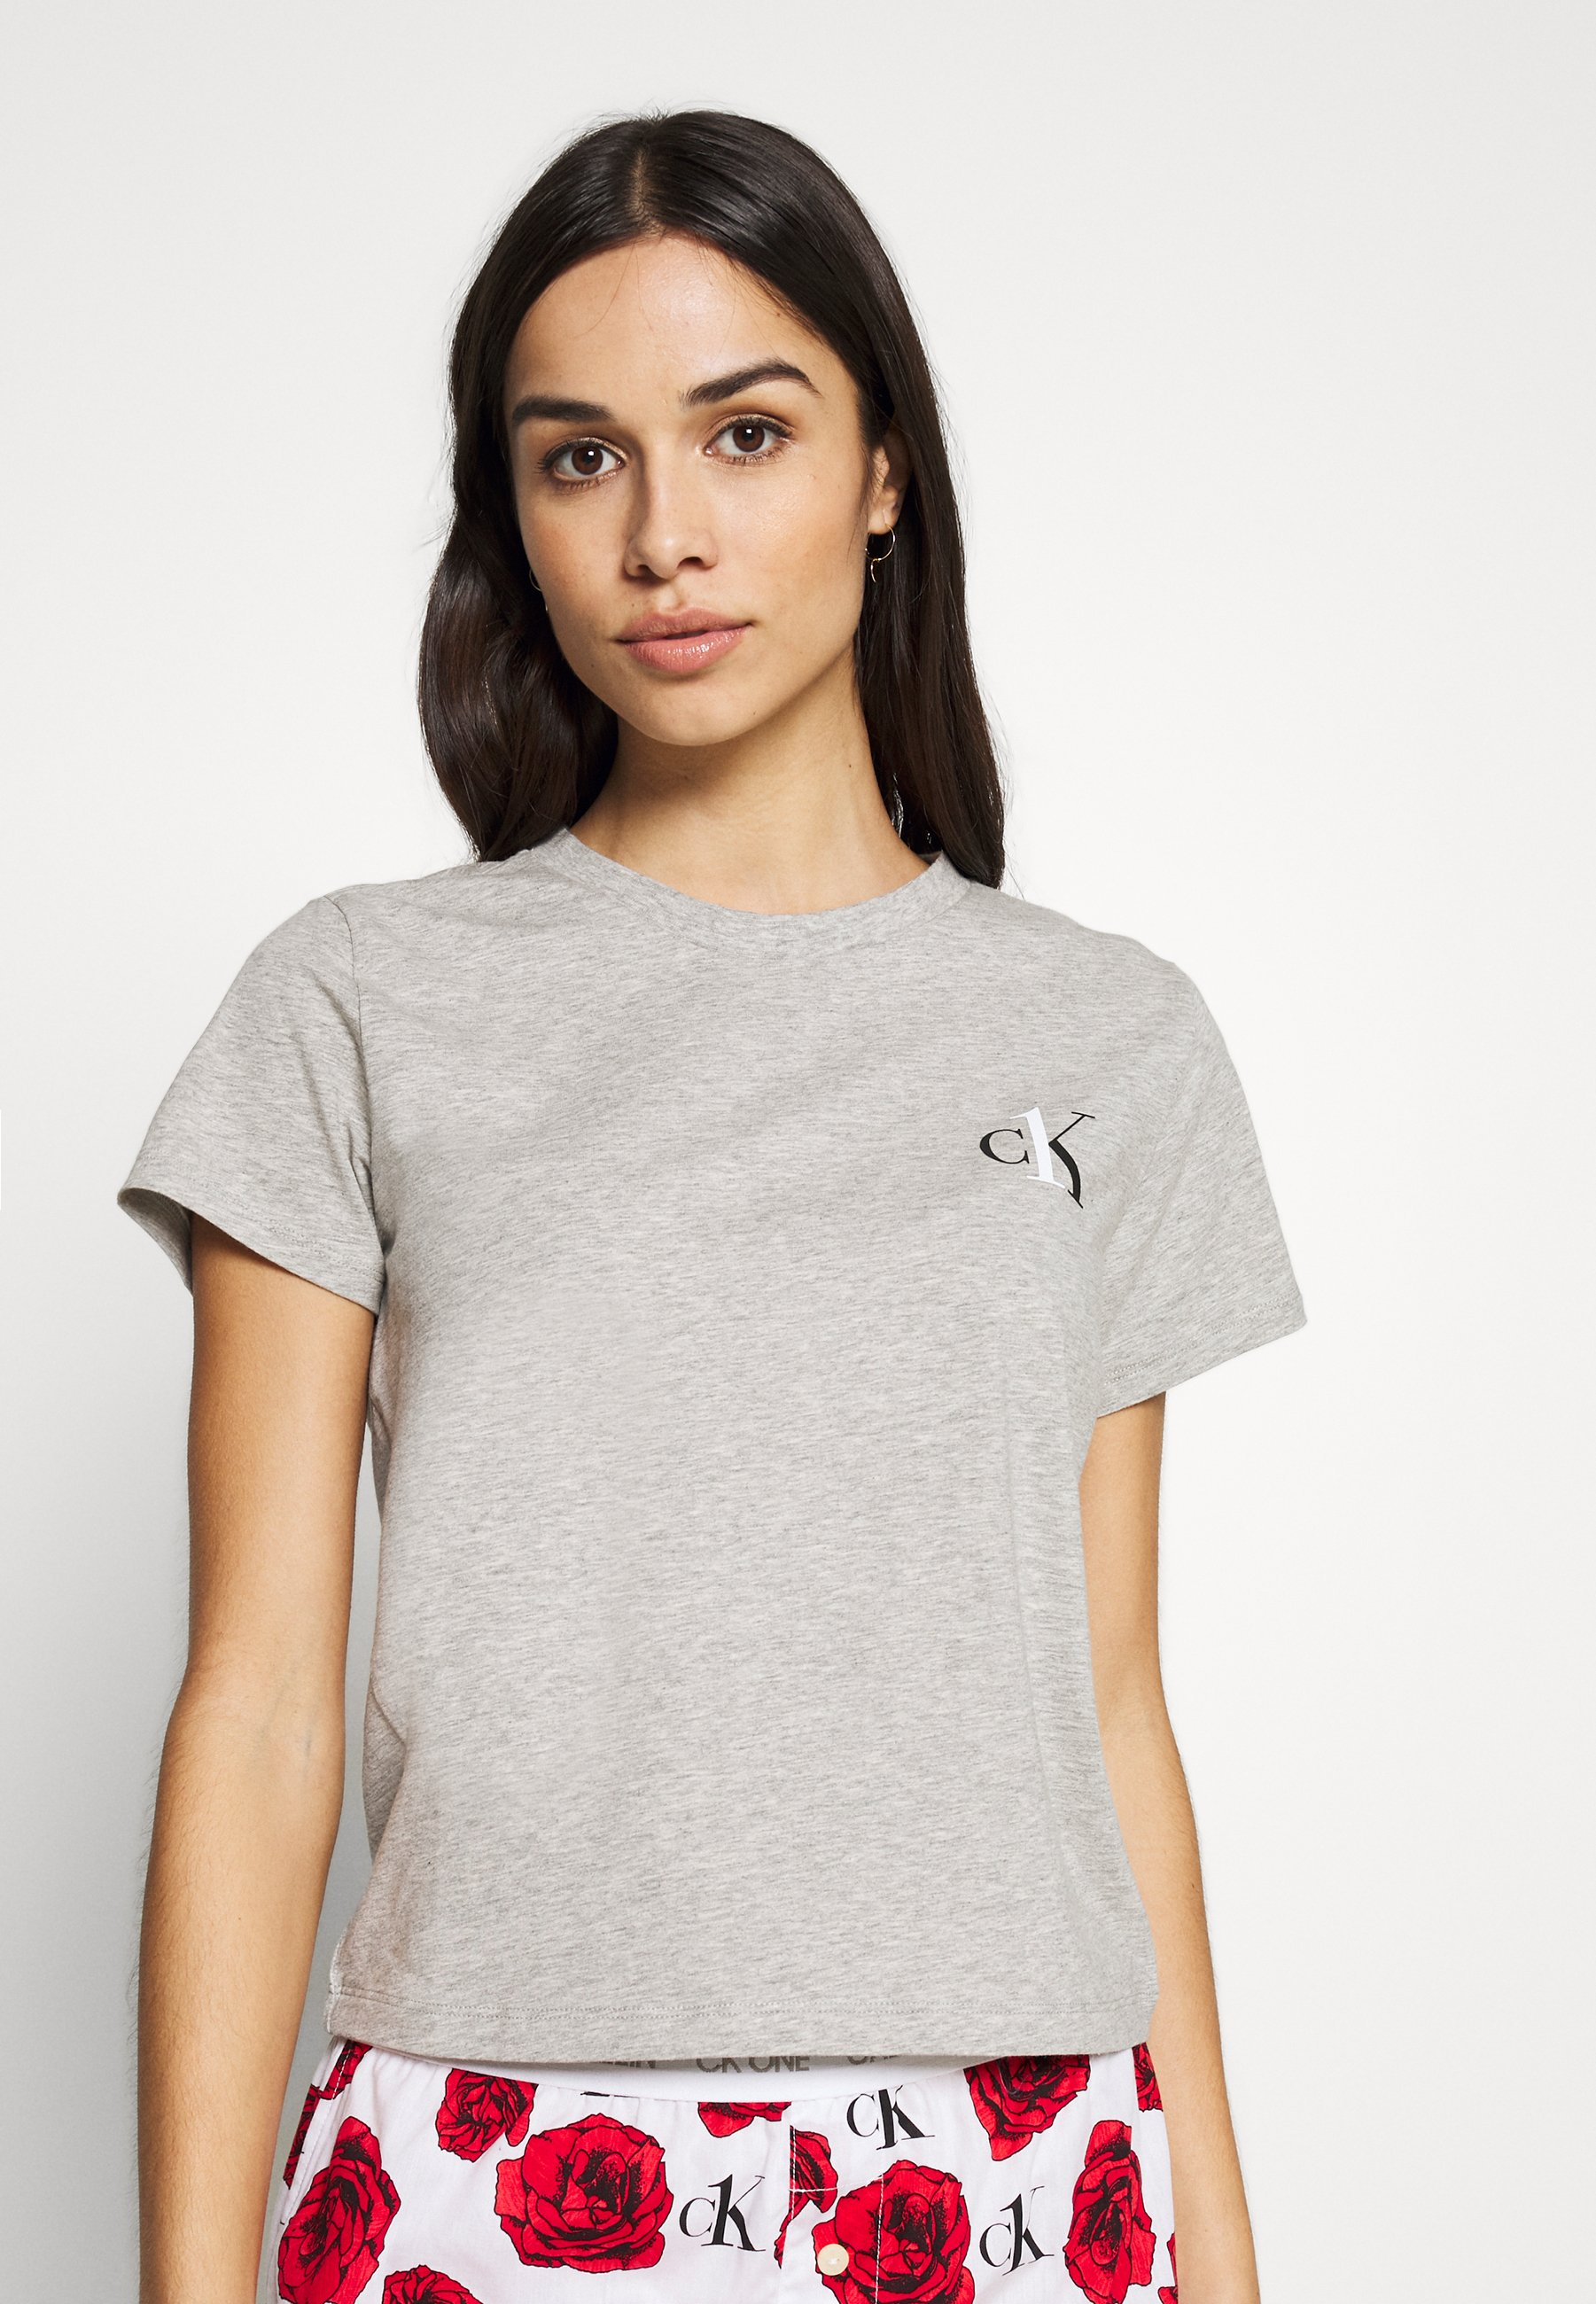 Damen ONE LOUNGE CREW NECK - Nachtwäsche Shirt